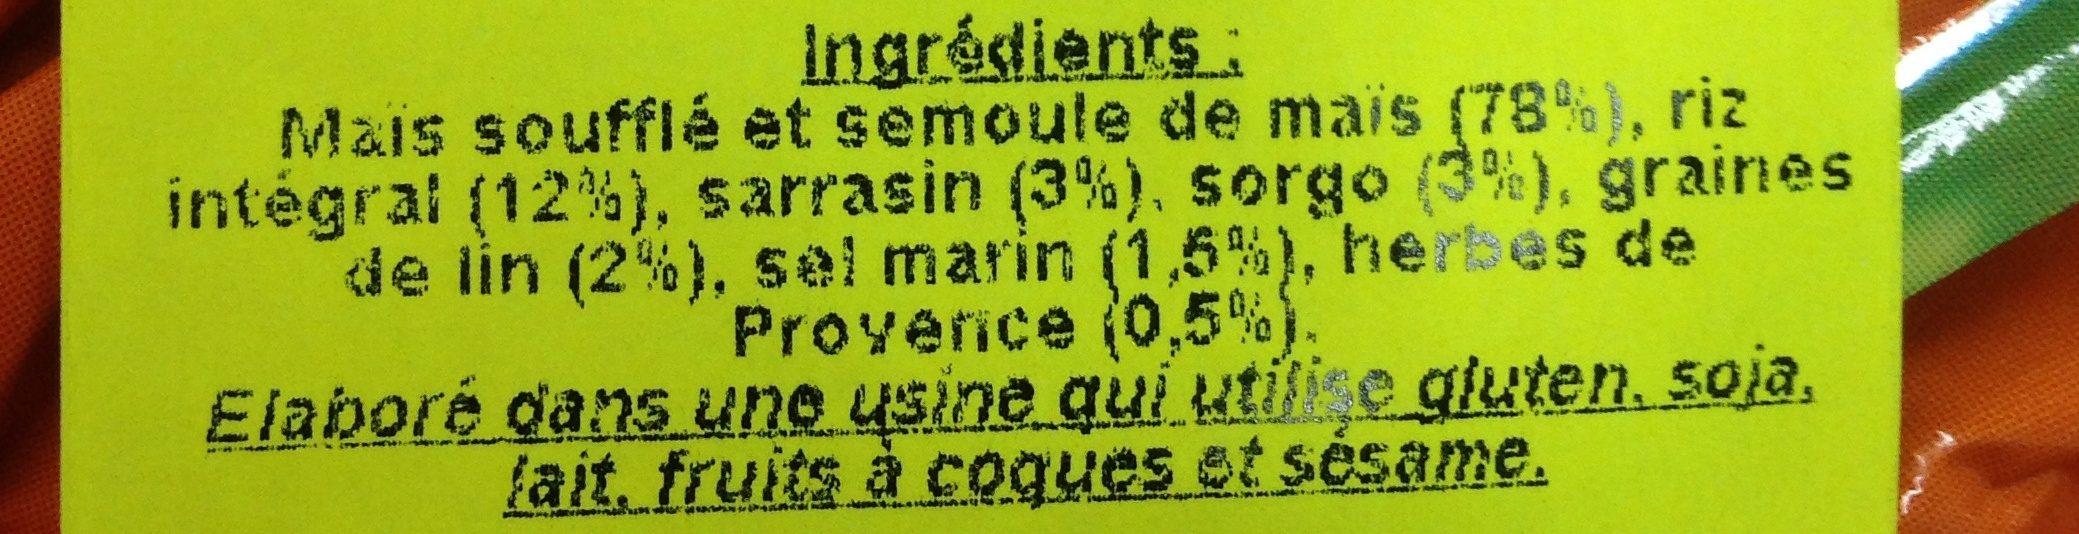 Tortetes Multicer. gerble - Ingredientes